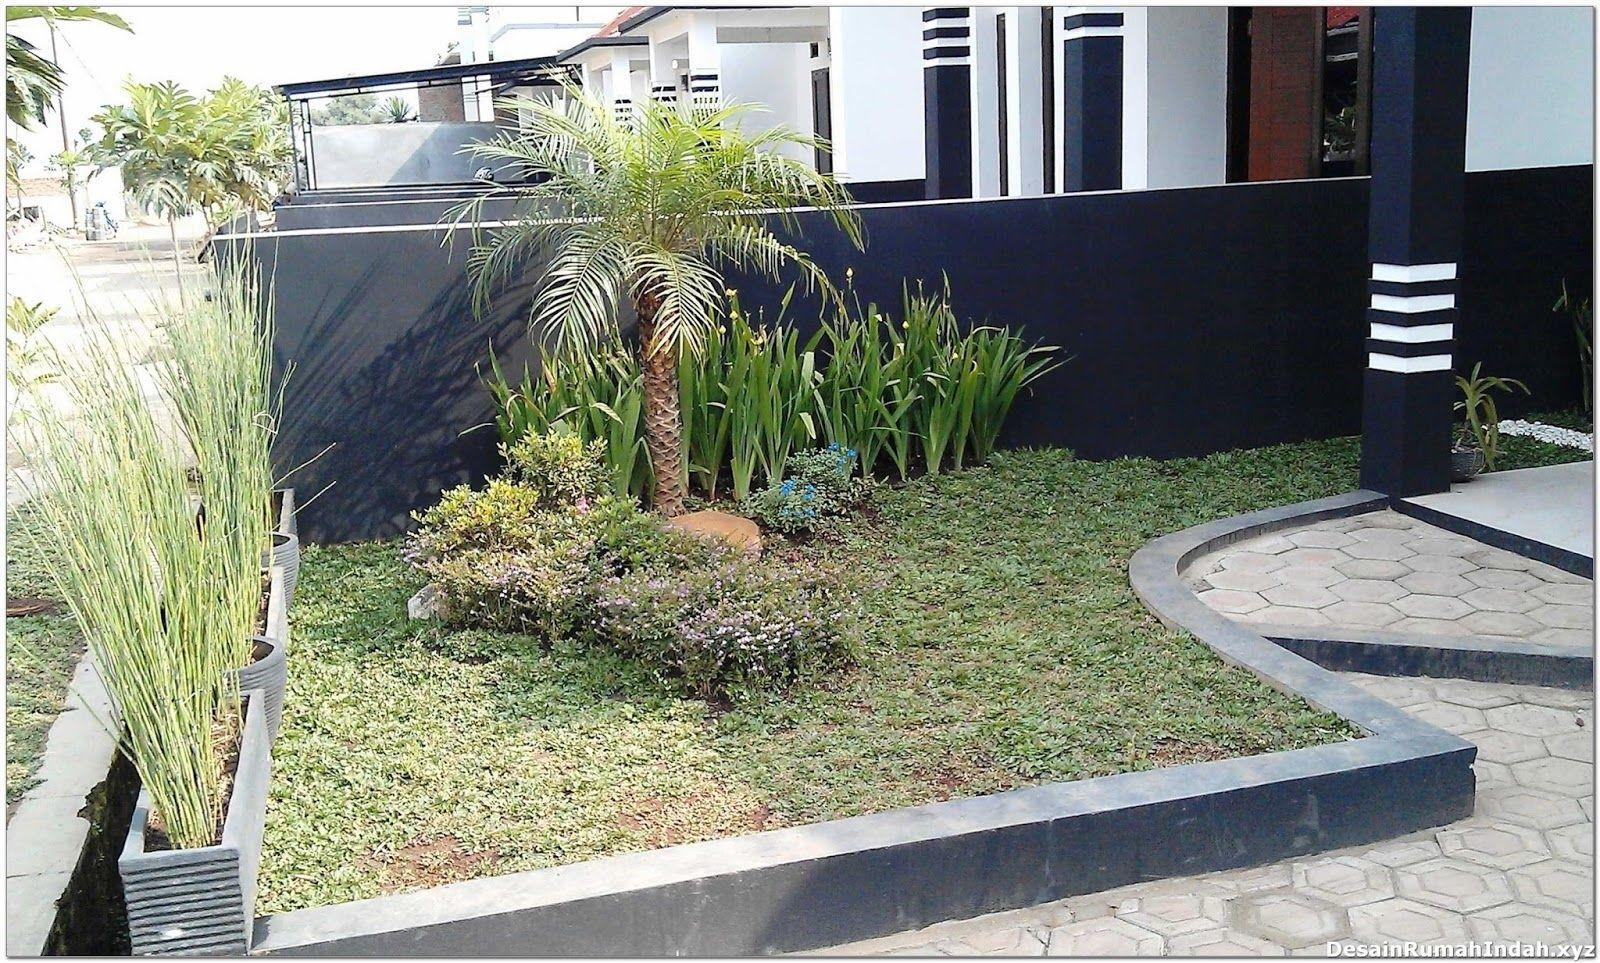 Desain Taman Sederhana Untuk Rumah Minimalis Modern Desain Taman